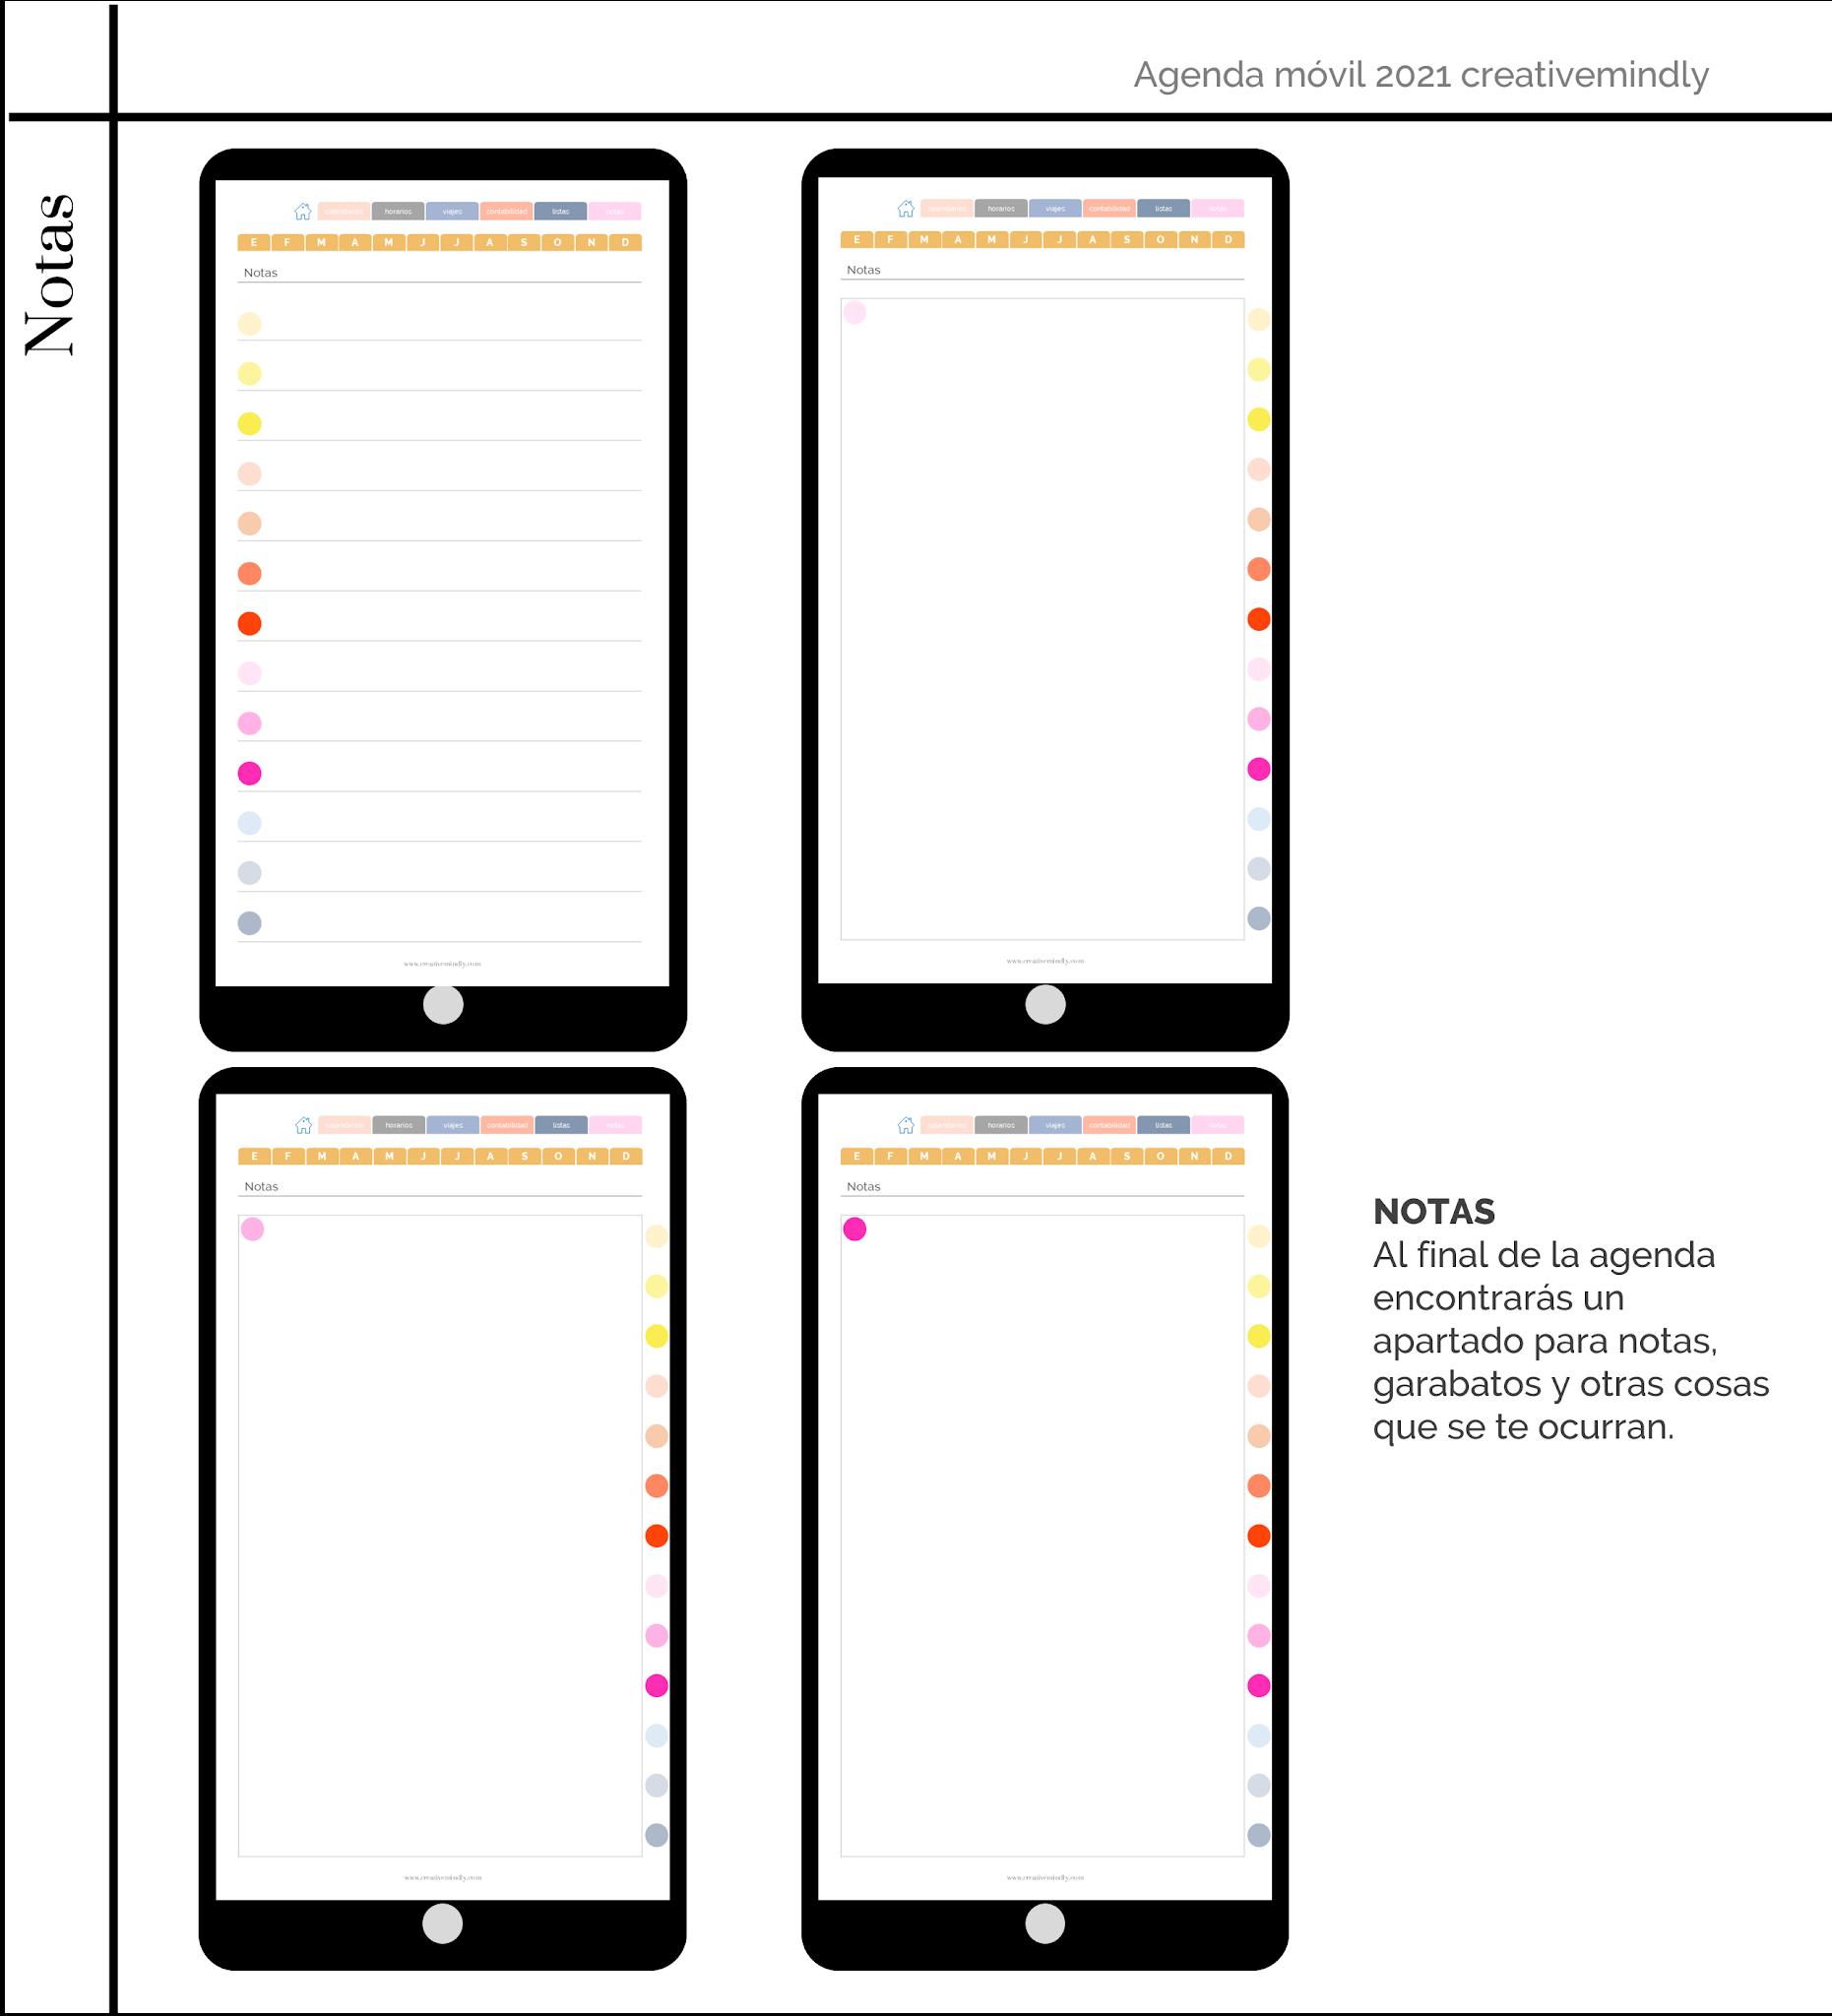 agenda movil iphone 2021